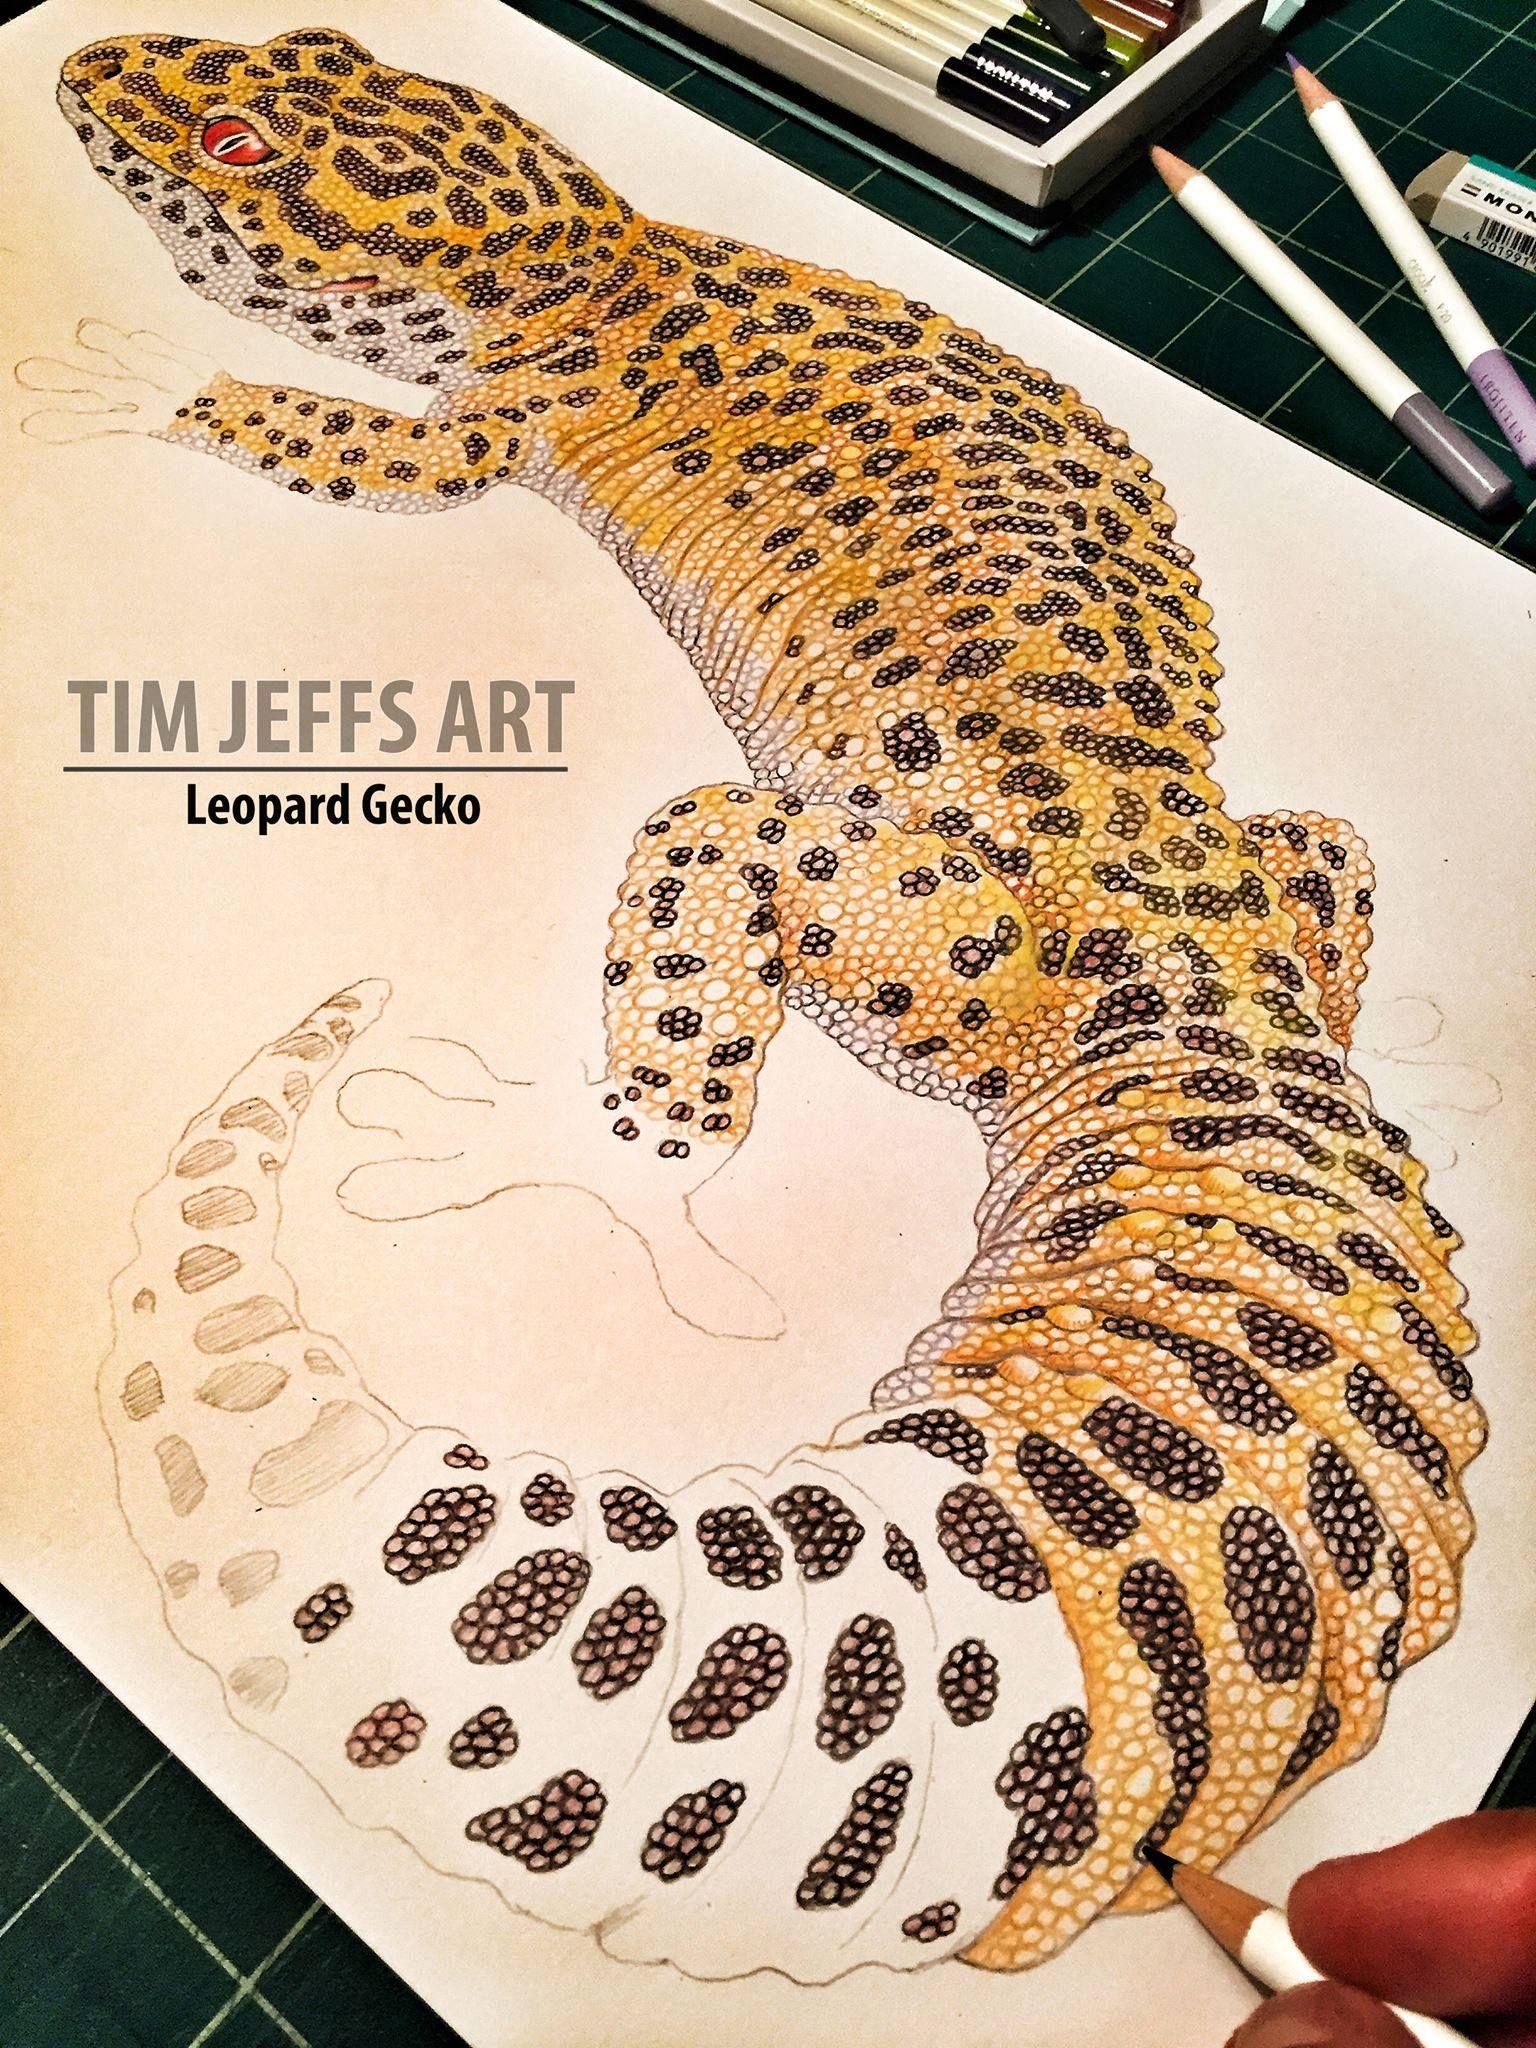 Malvorlage Leopard Gecko Kinder Ausmalbilder